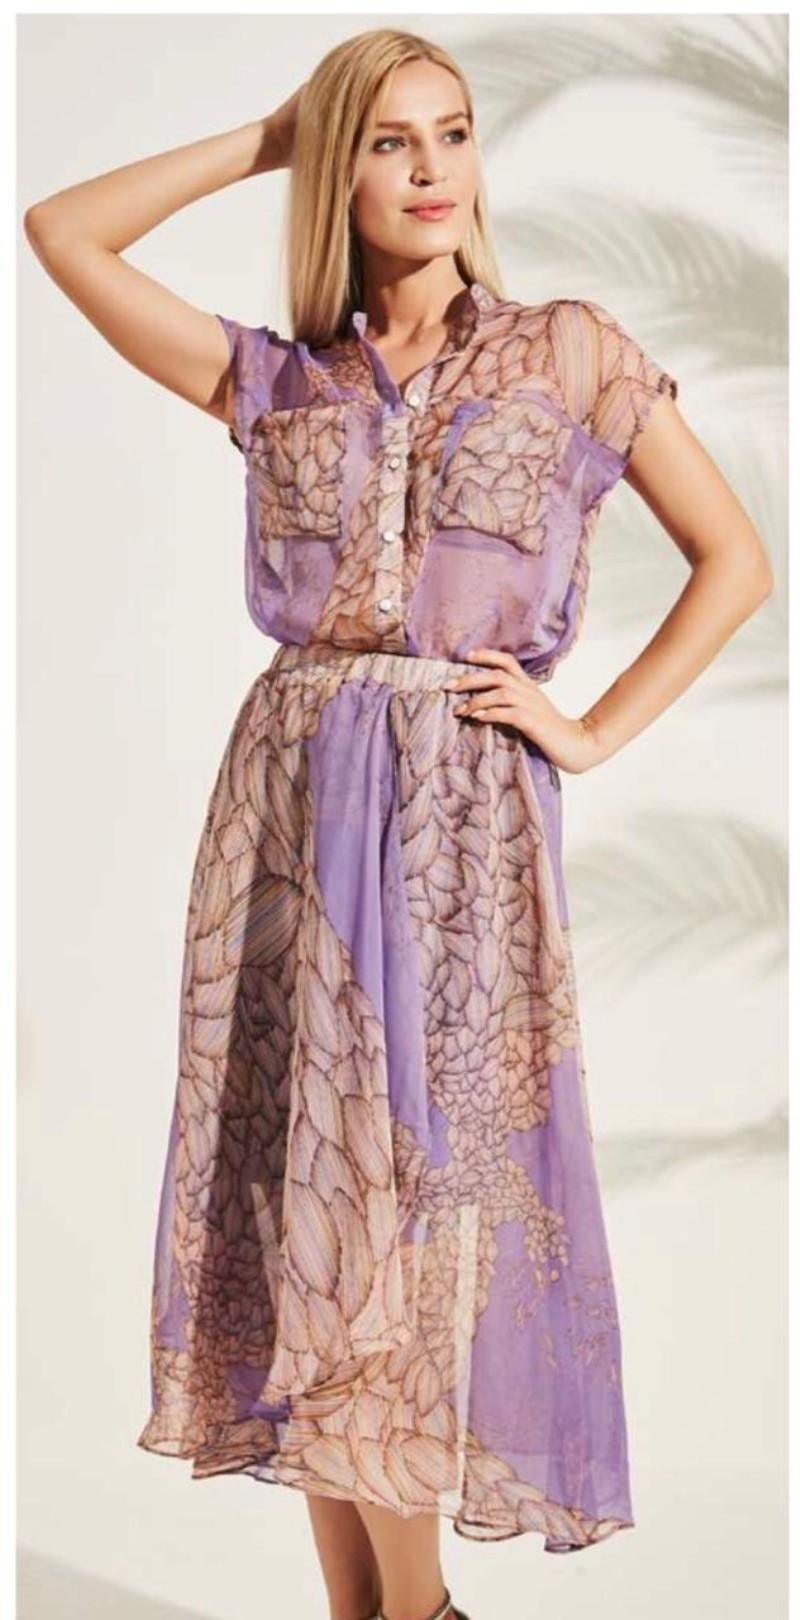 46 $ костюм; 23 $ блуза; 27$ юбка / заказ модели от 5 шт ( размеры от S - XL)